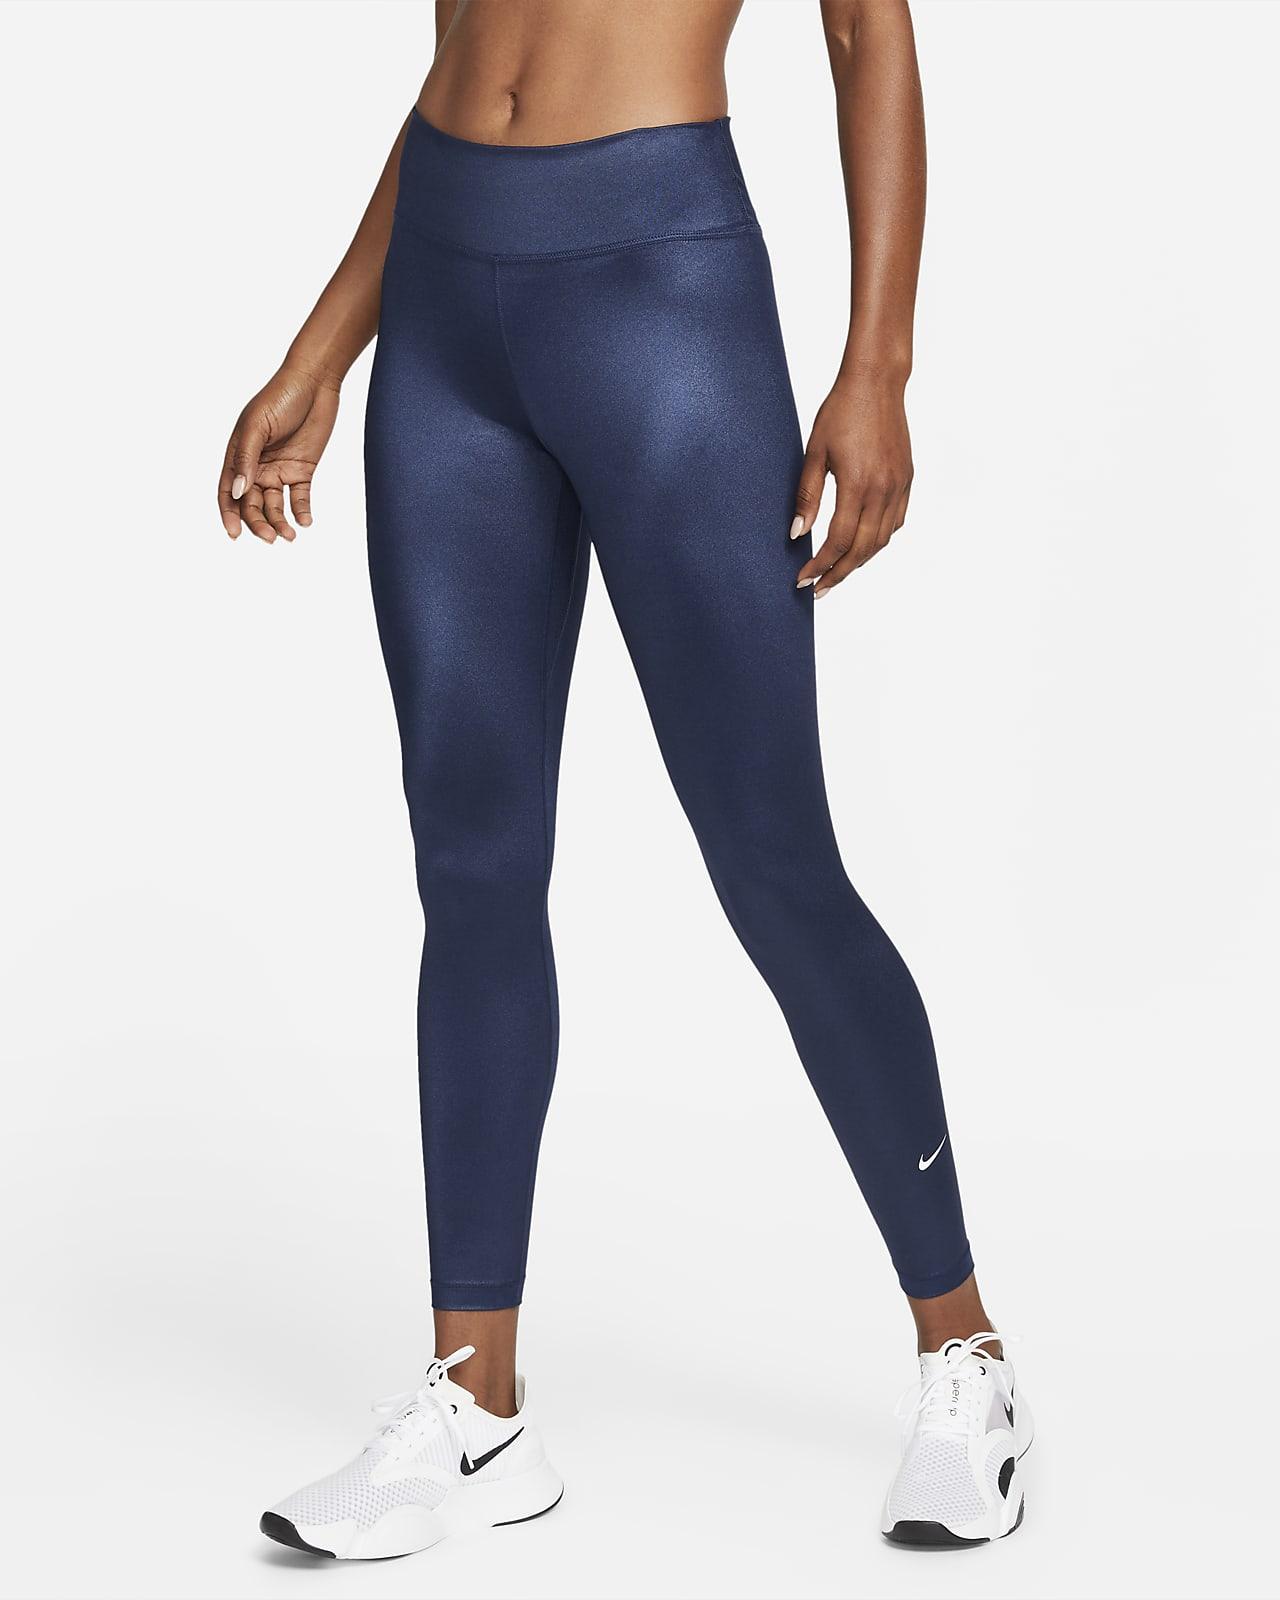 Nike Dri-FIT One Women's Mid-Rise Shine Leggings